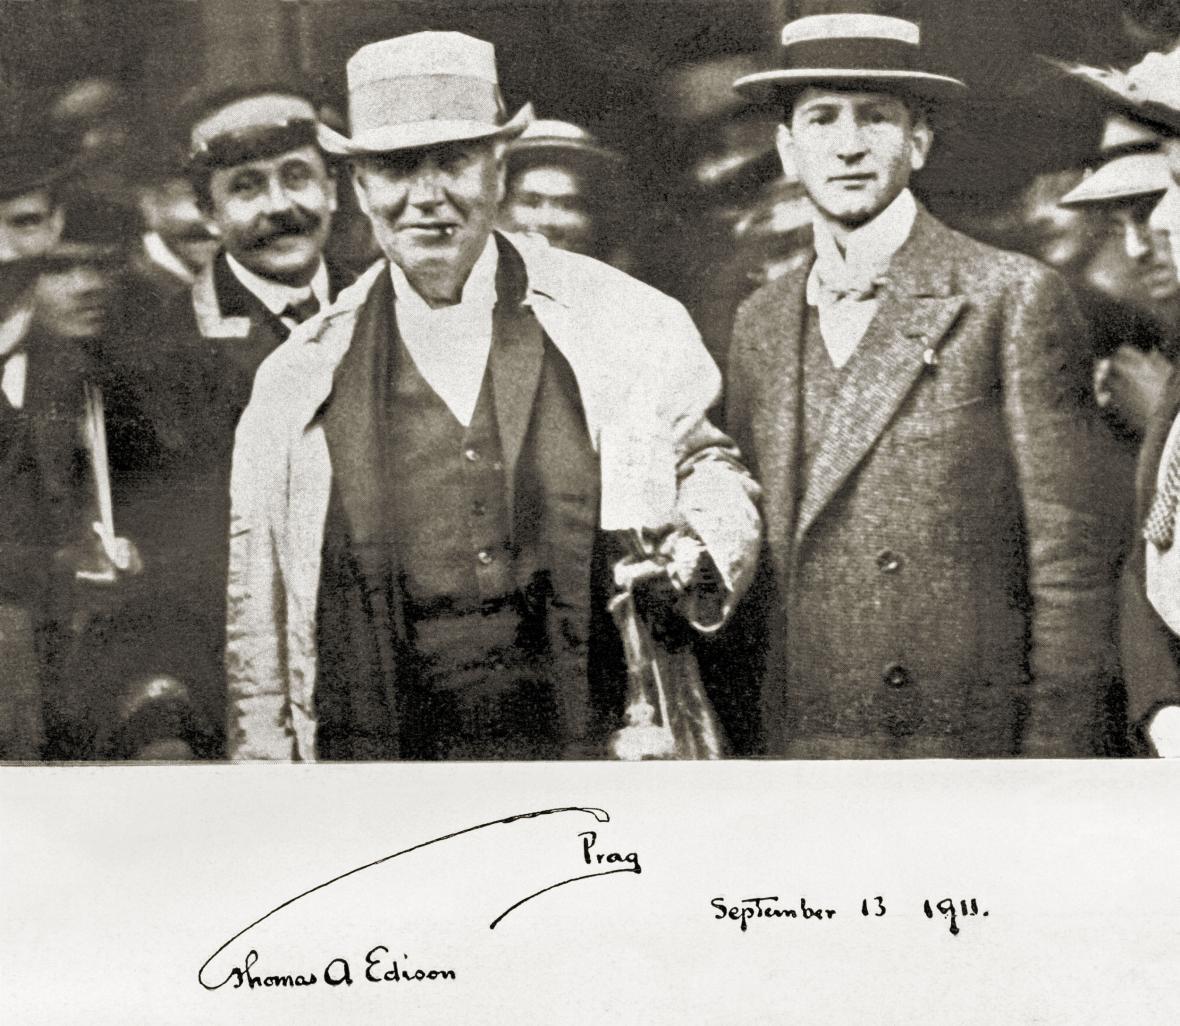 Americký fyzik a vynálezce Thomas Alva Edison (vlevo) přijel do Prahy na pozvání svého někdejšího žáka Emila Kolbena (snímek z  13. září 1911)